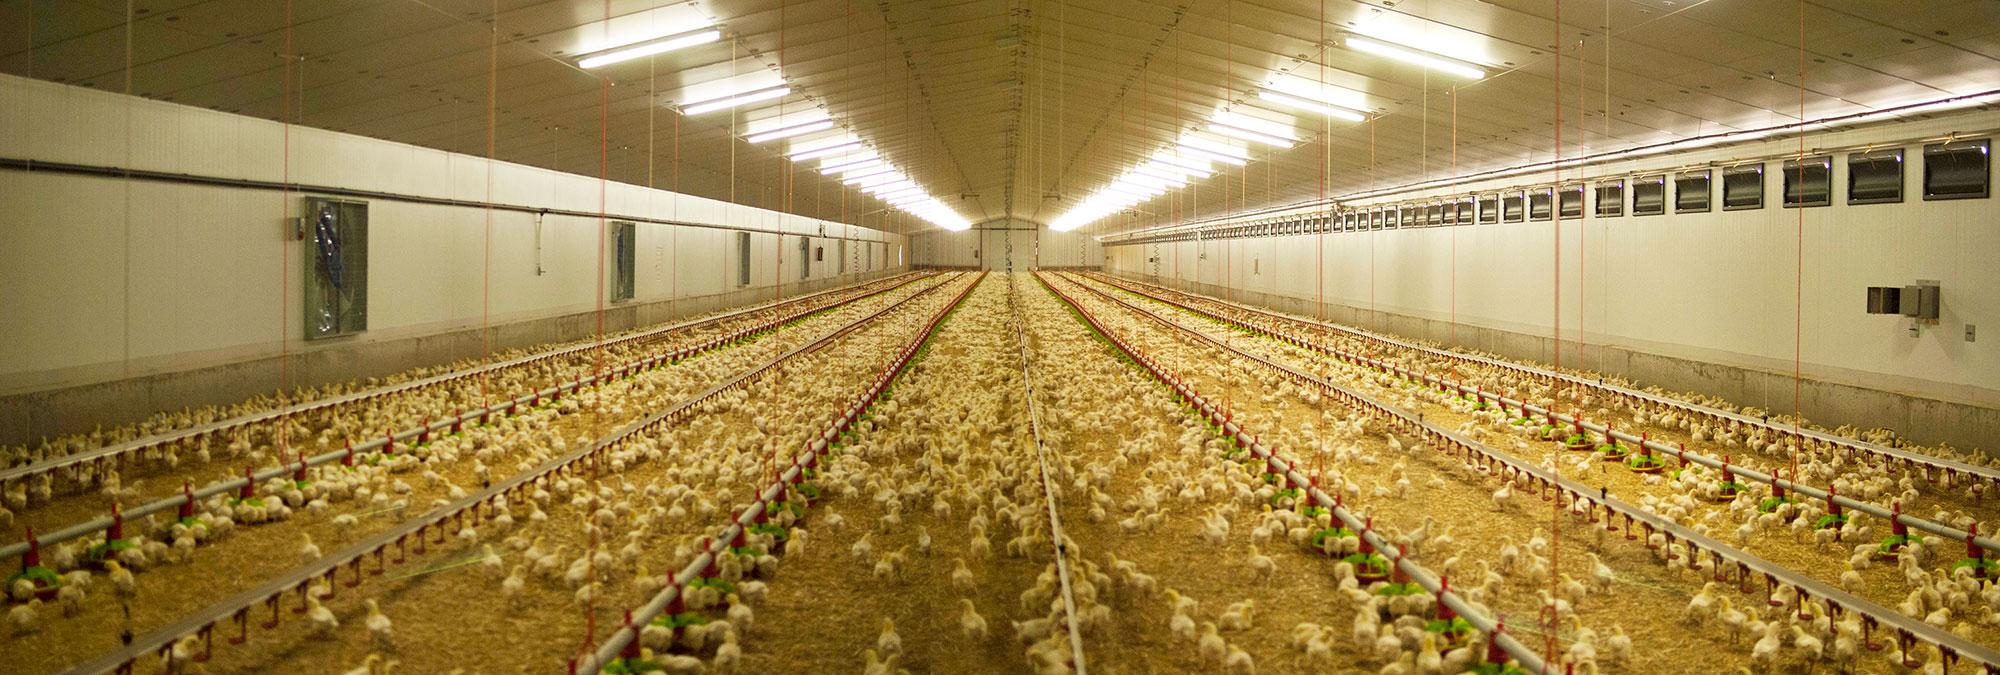 Esguín - Obras ganaderas, avícola